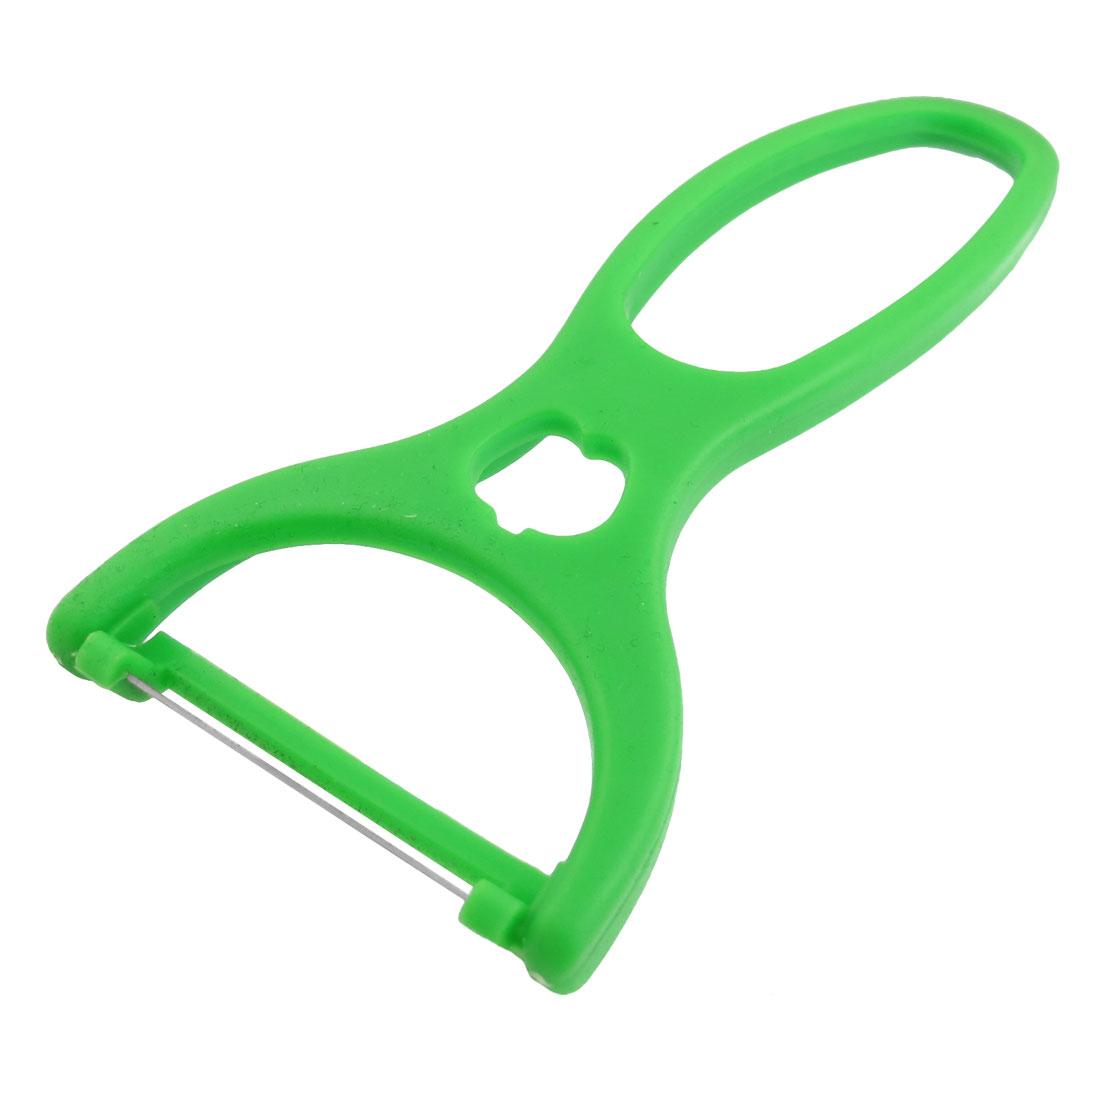 Green Plastic Handle Sharp Cutting Part Potato Cucumber Fruits Vegetables Peeler Cutter